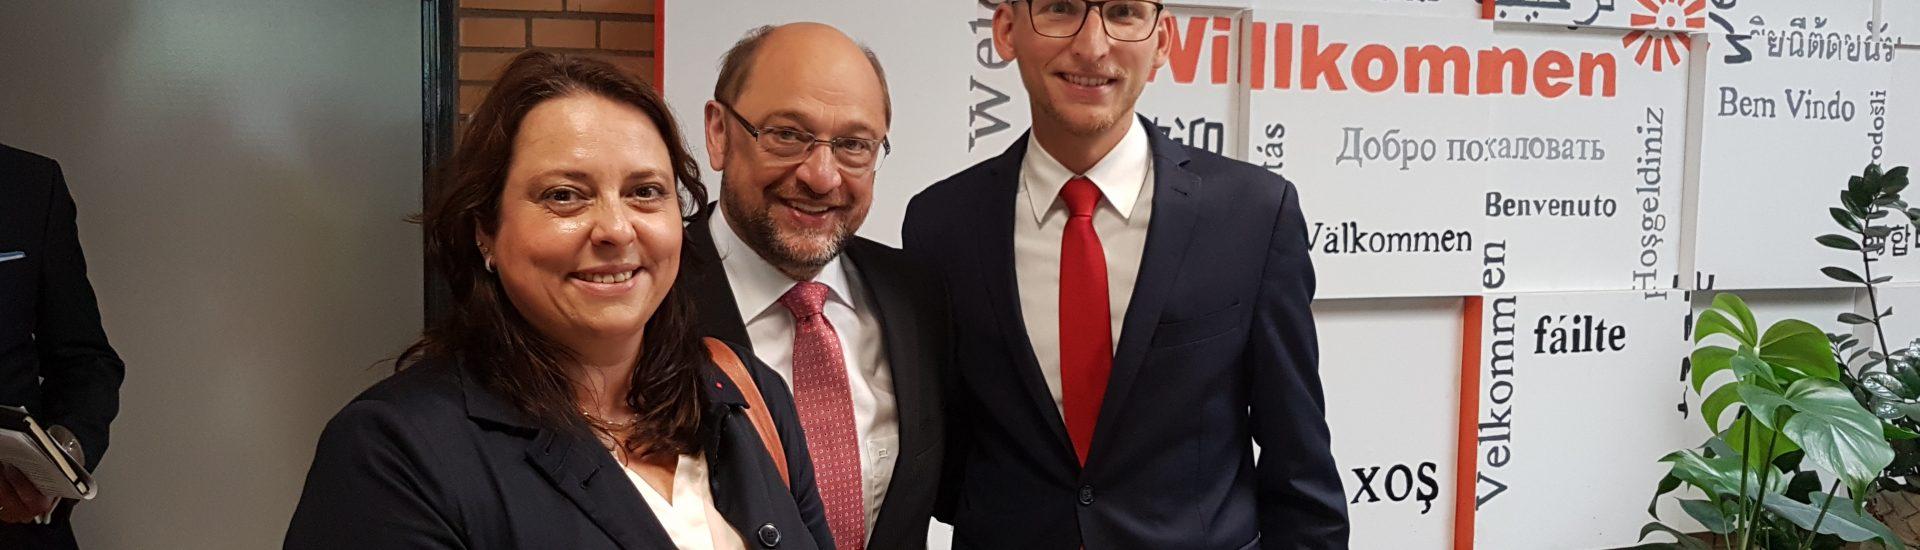 Martin Schulz in Dormagen